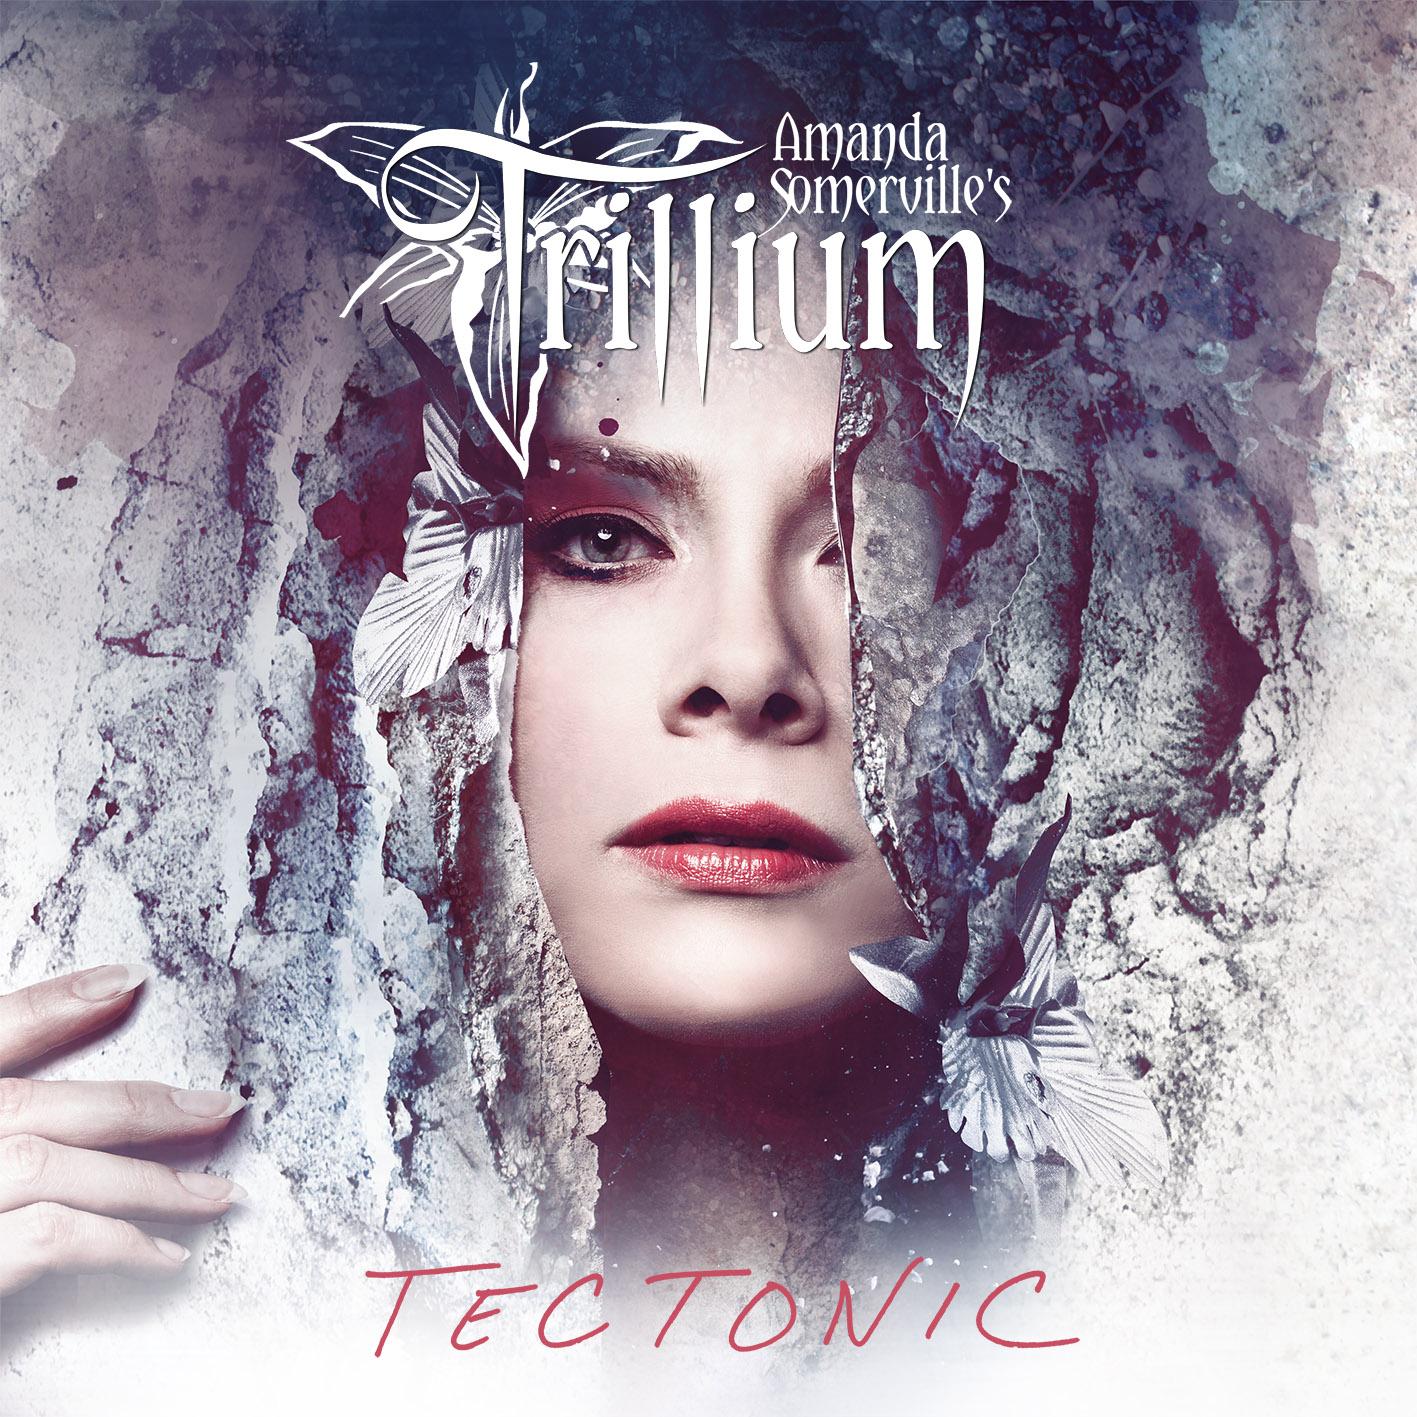 TRILLIUM feat. Amanda Somerville